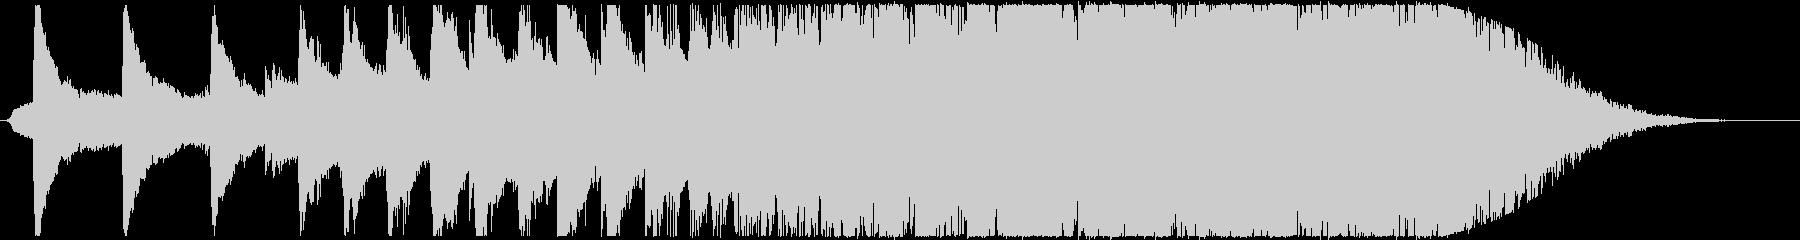 エンドロールの未再生の波形